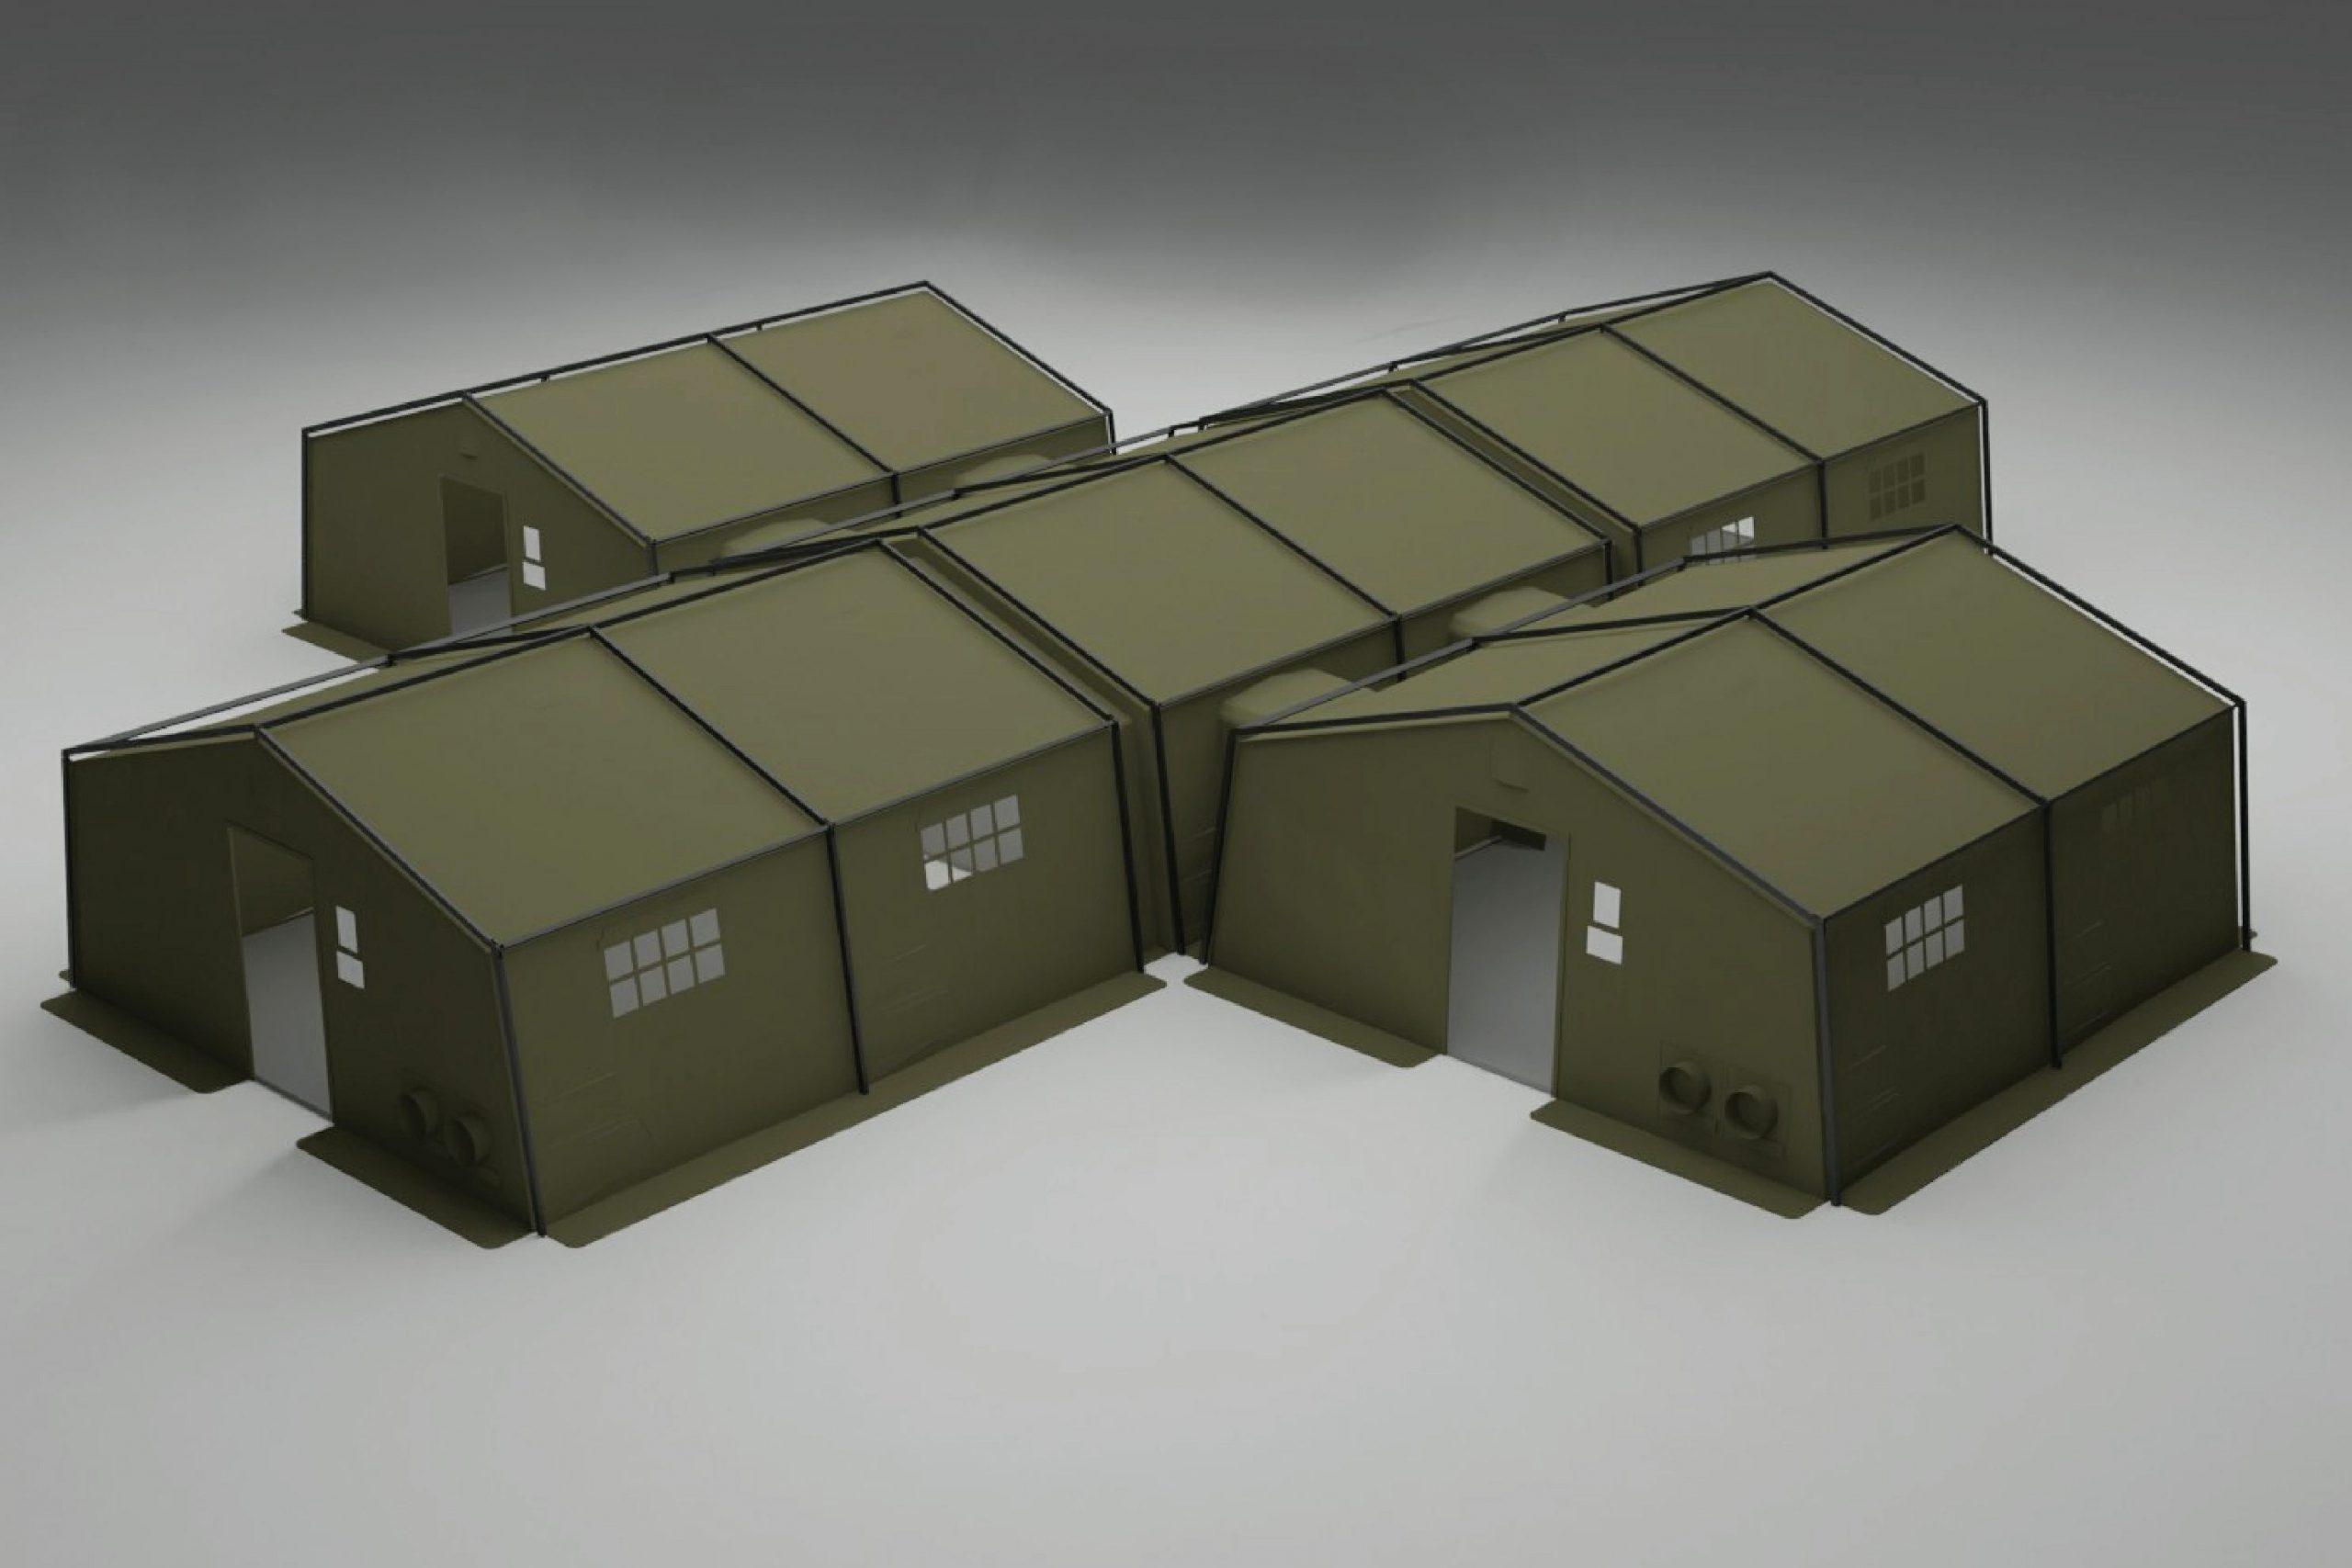 NIXUS PRO X Command Post with 4 x 6.1m x 6.1m modules plus central unit